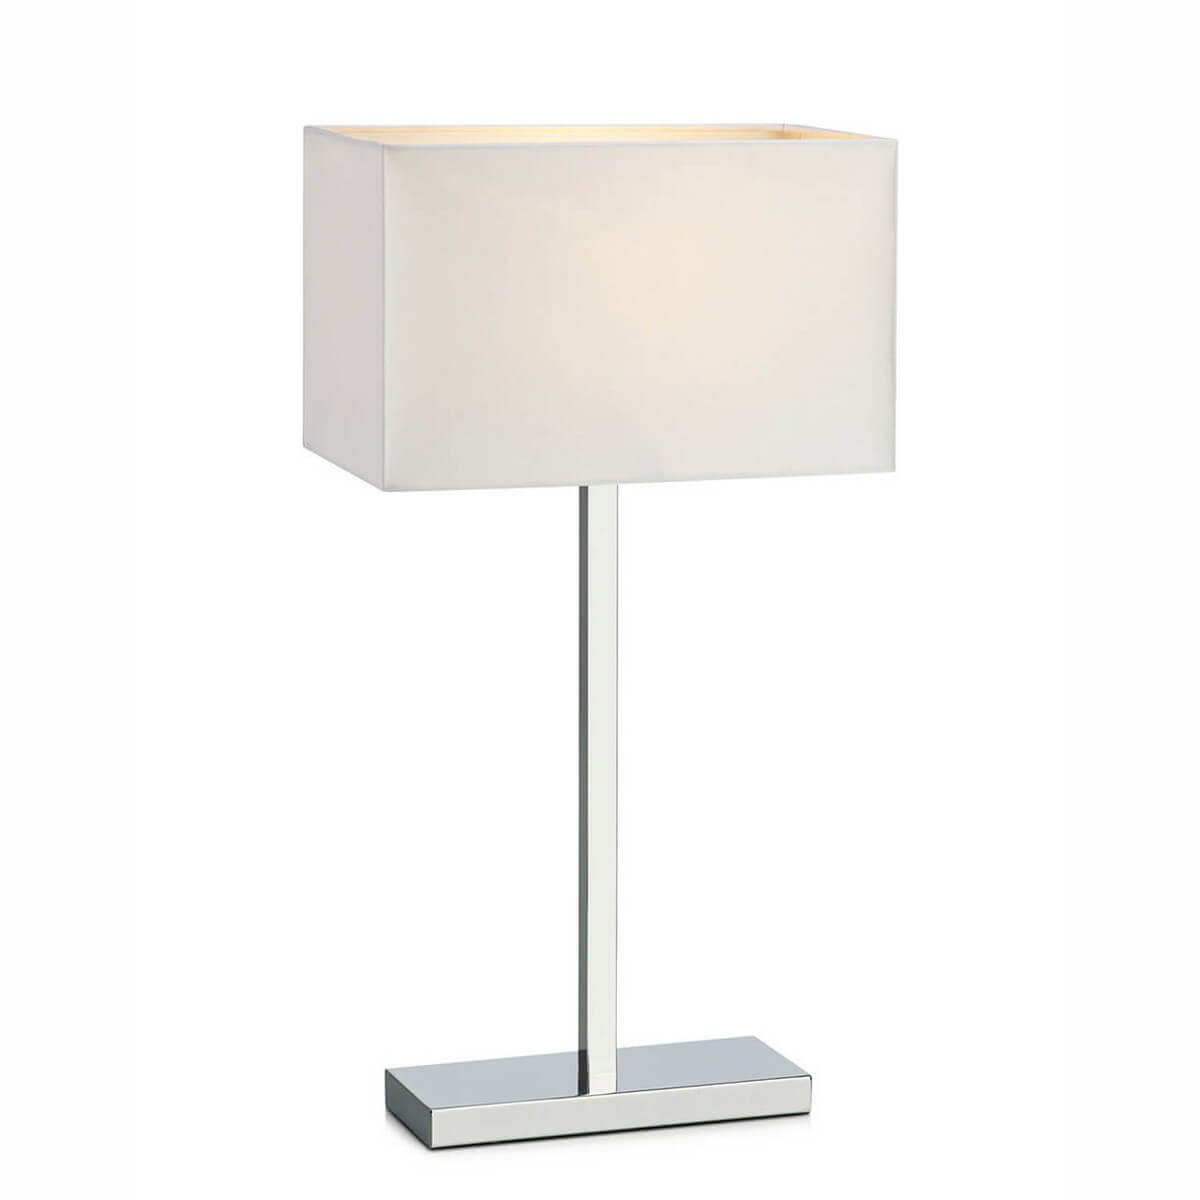 Настольная лампа Markslojd 106305 Savoy